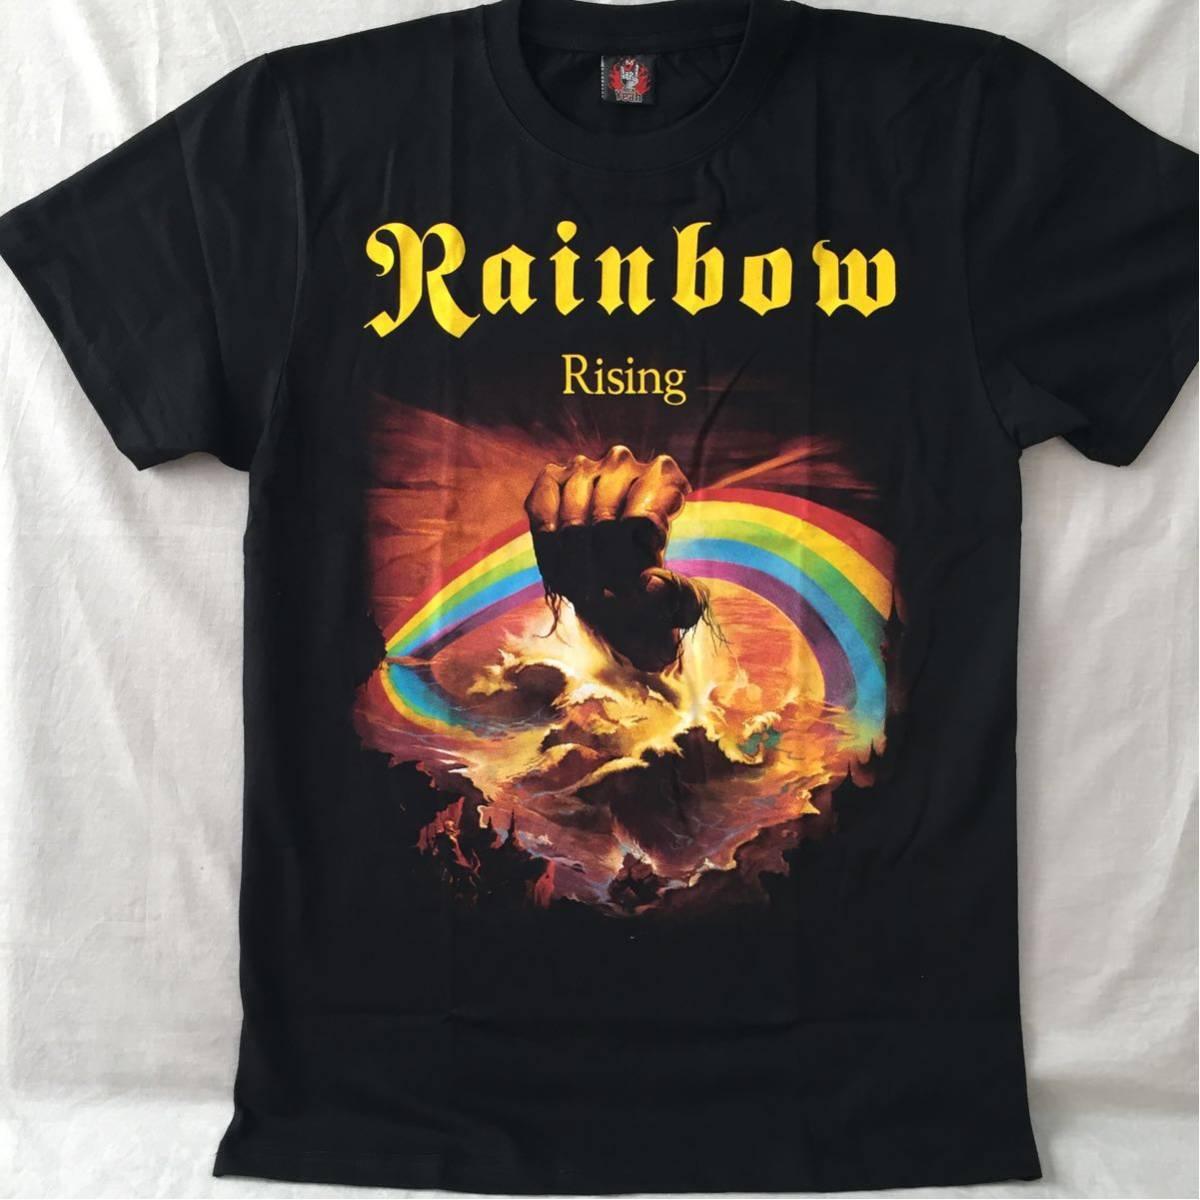 バンドTシャツ レインボー(Rainbow) 新品L